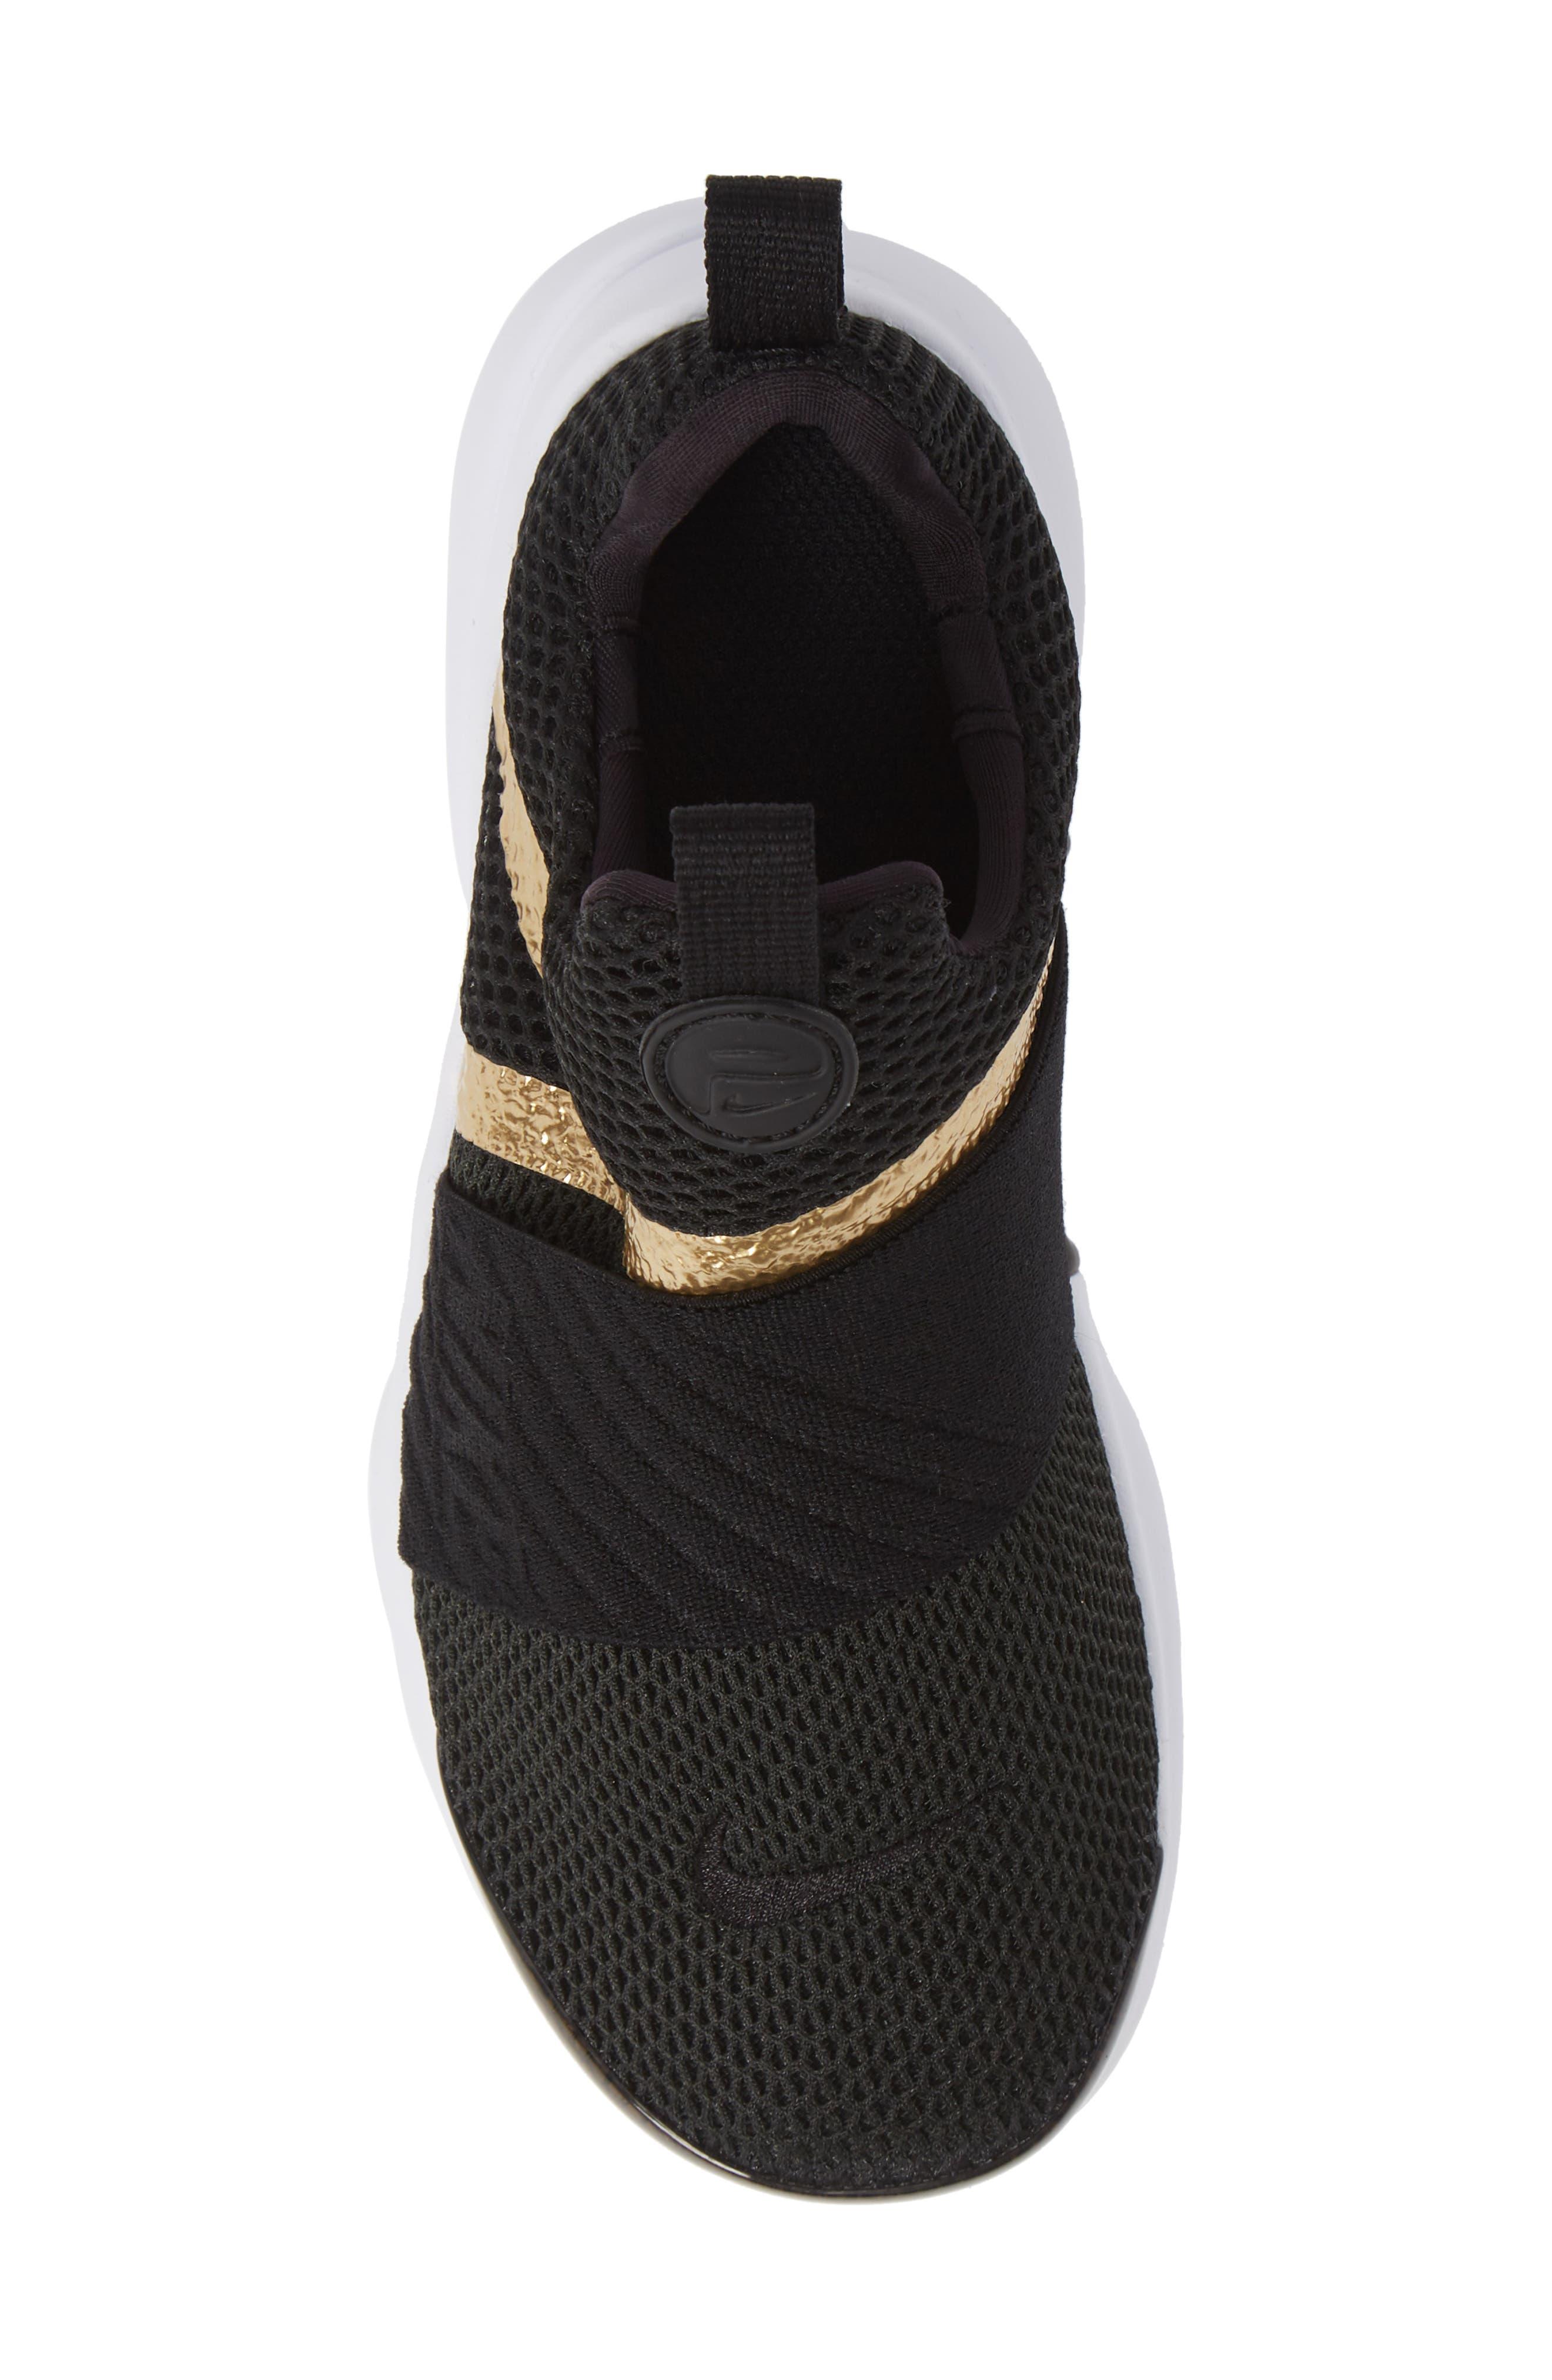 Presto Extreme Sneaker,                             Alternate thumbnail 6, color,                             Black/ Metallic Gold/ White